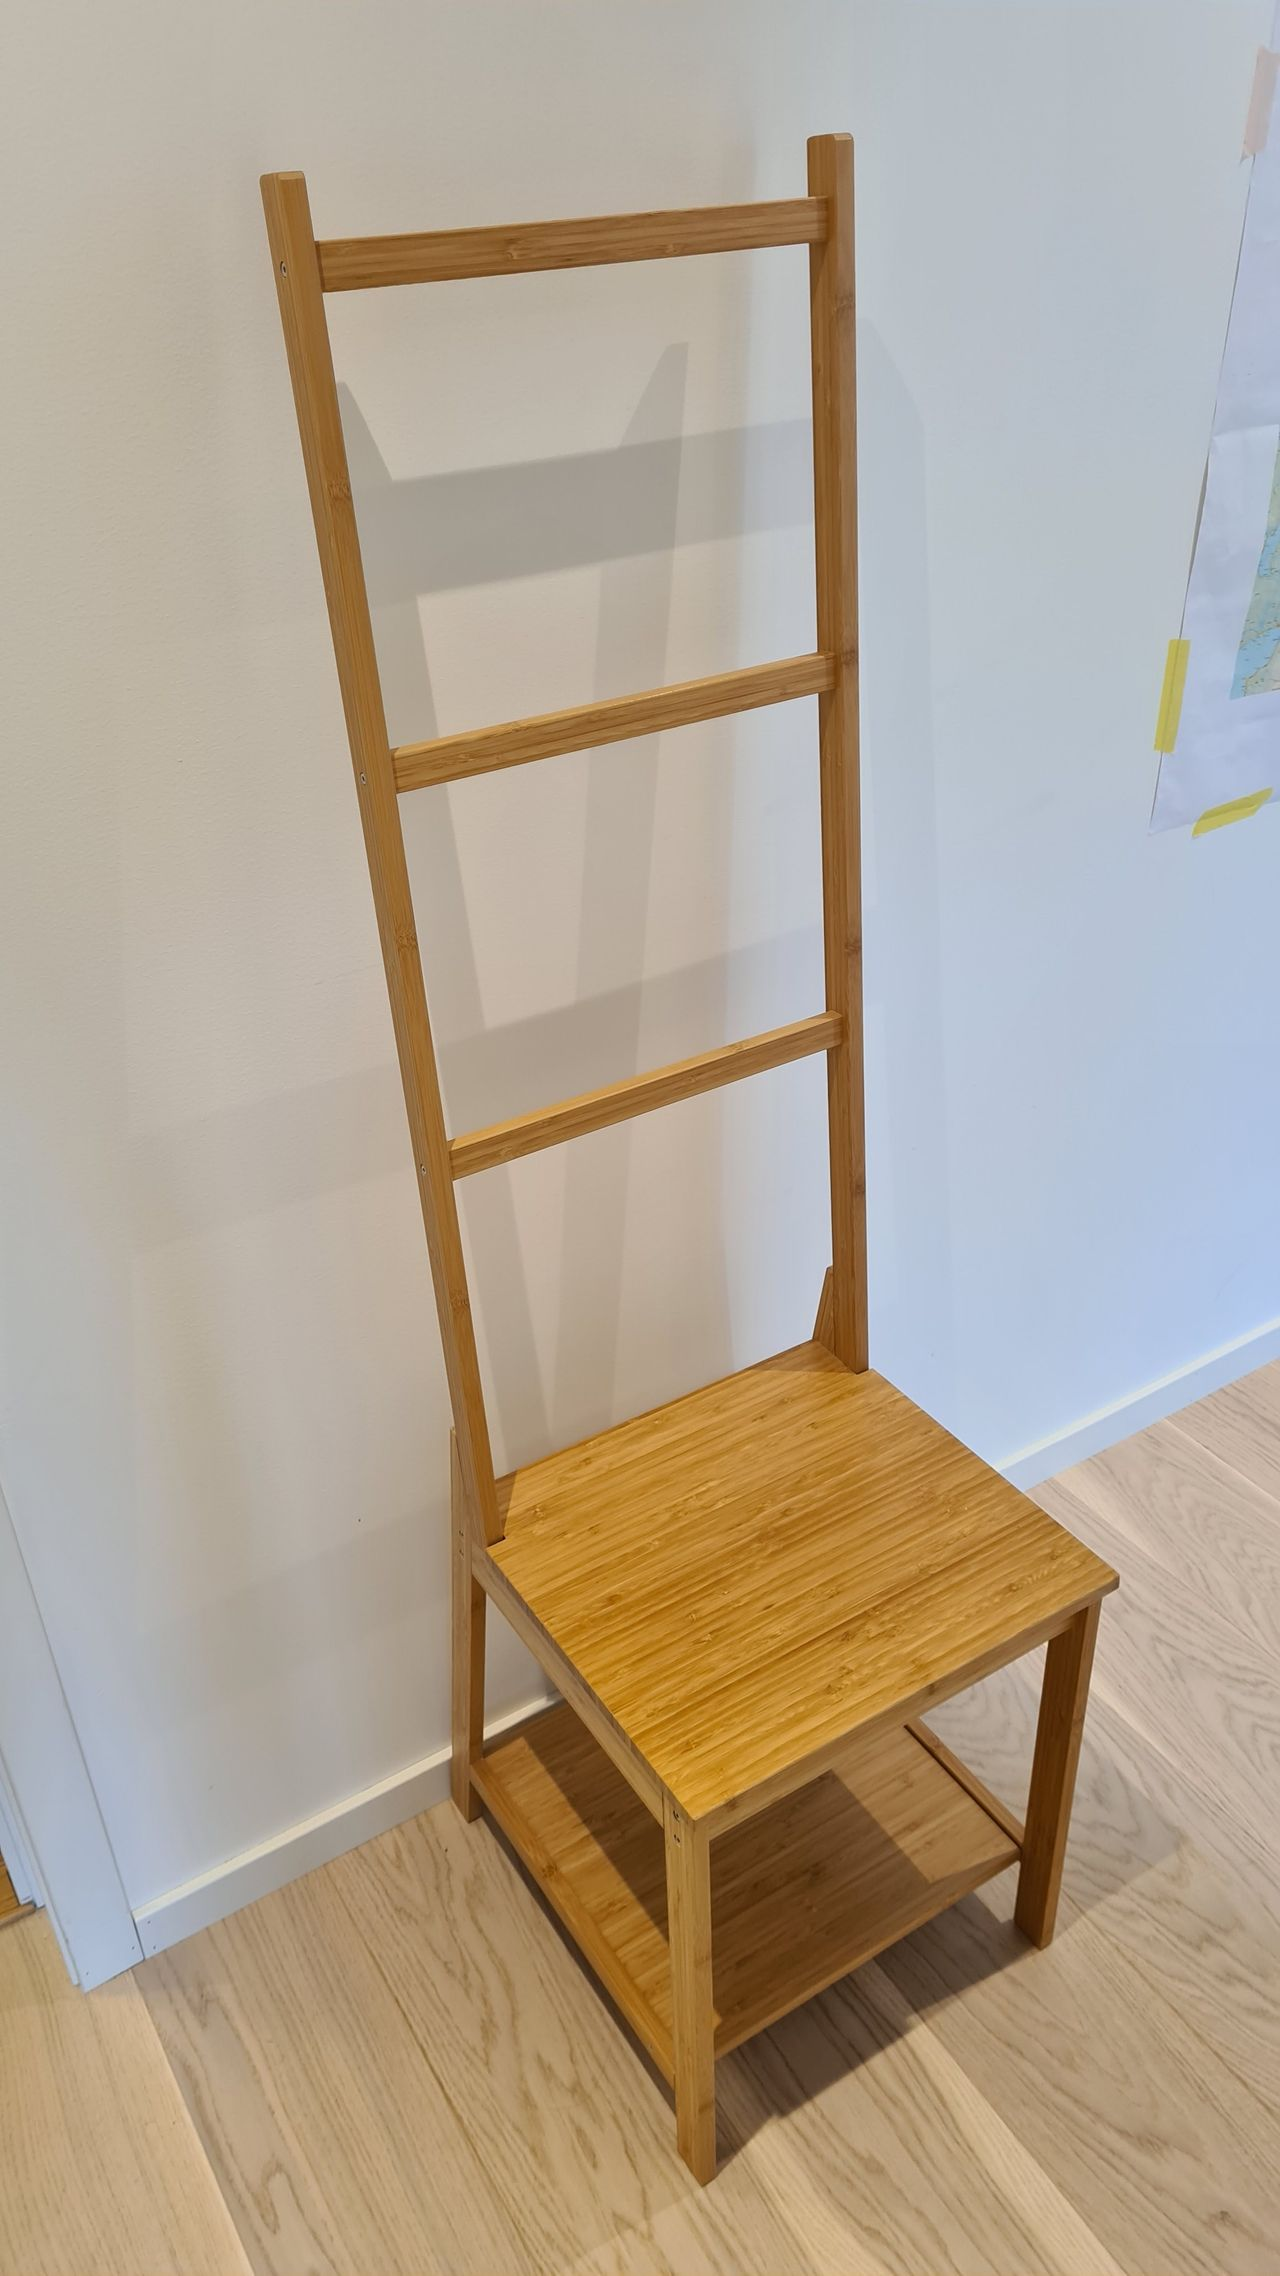 Rågrund stol med håndklehenger | FINN.no